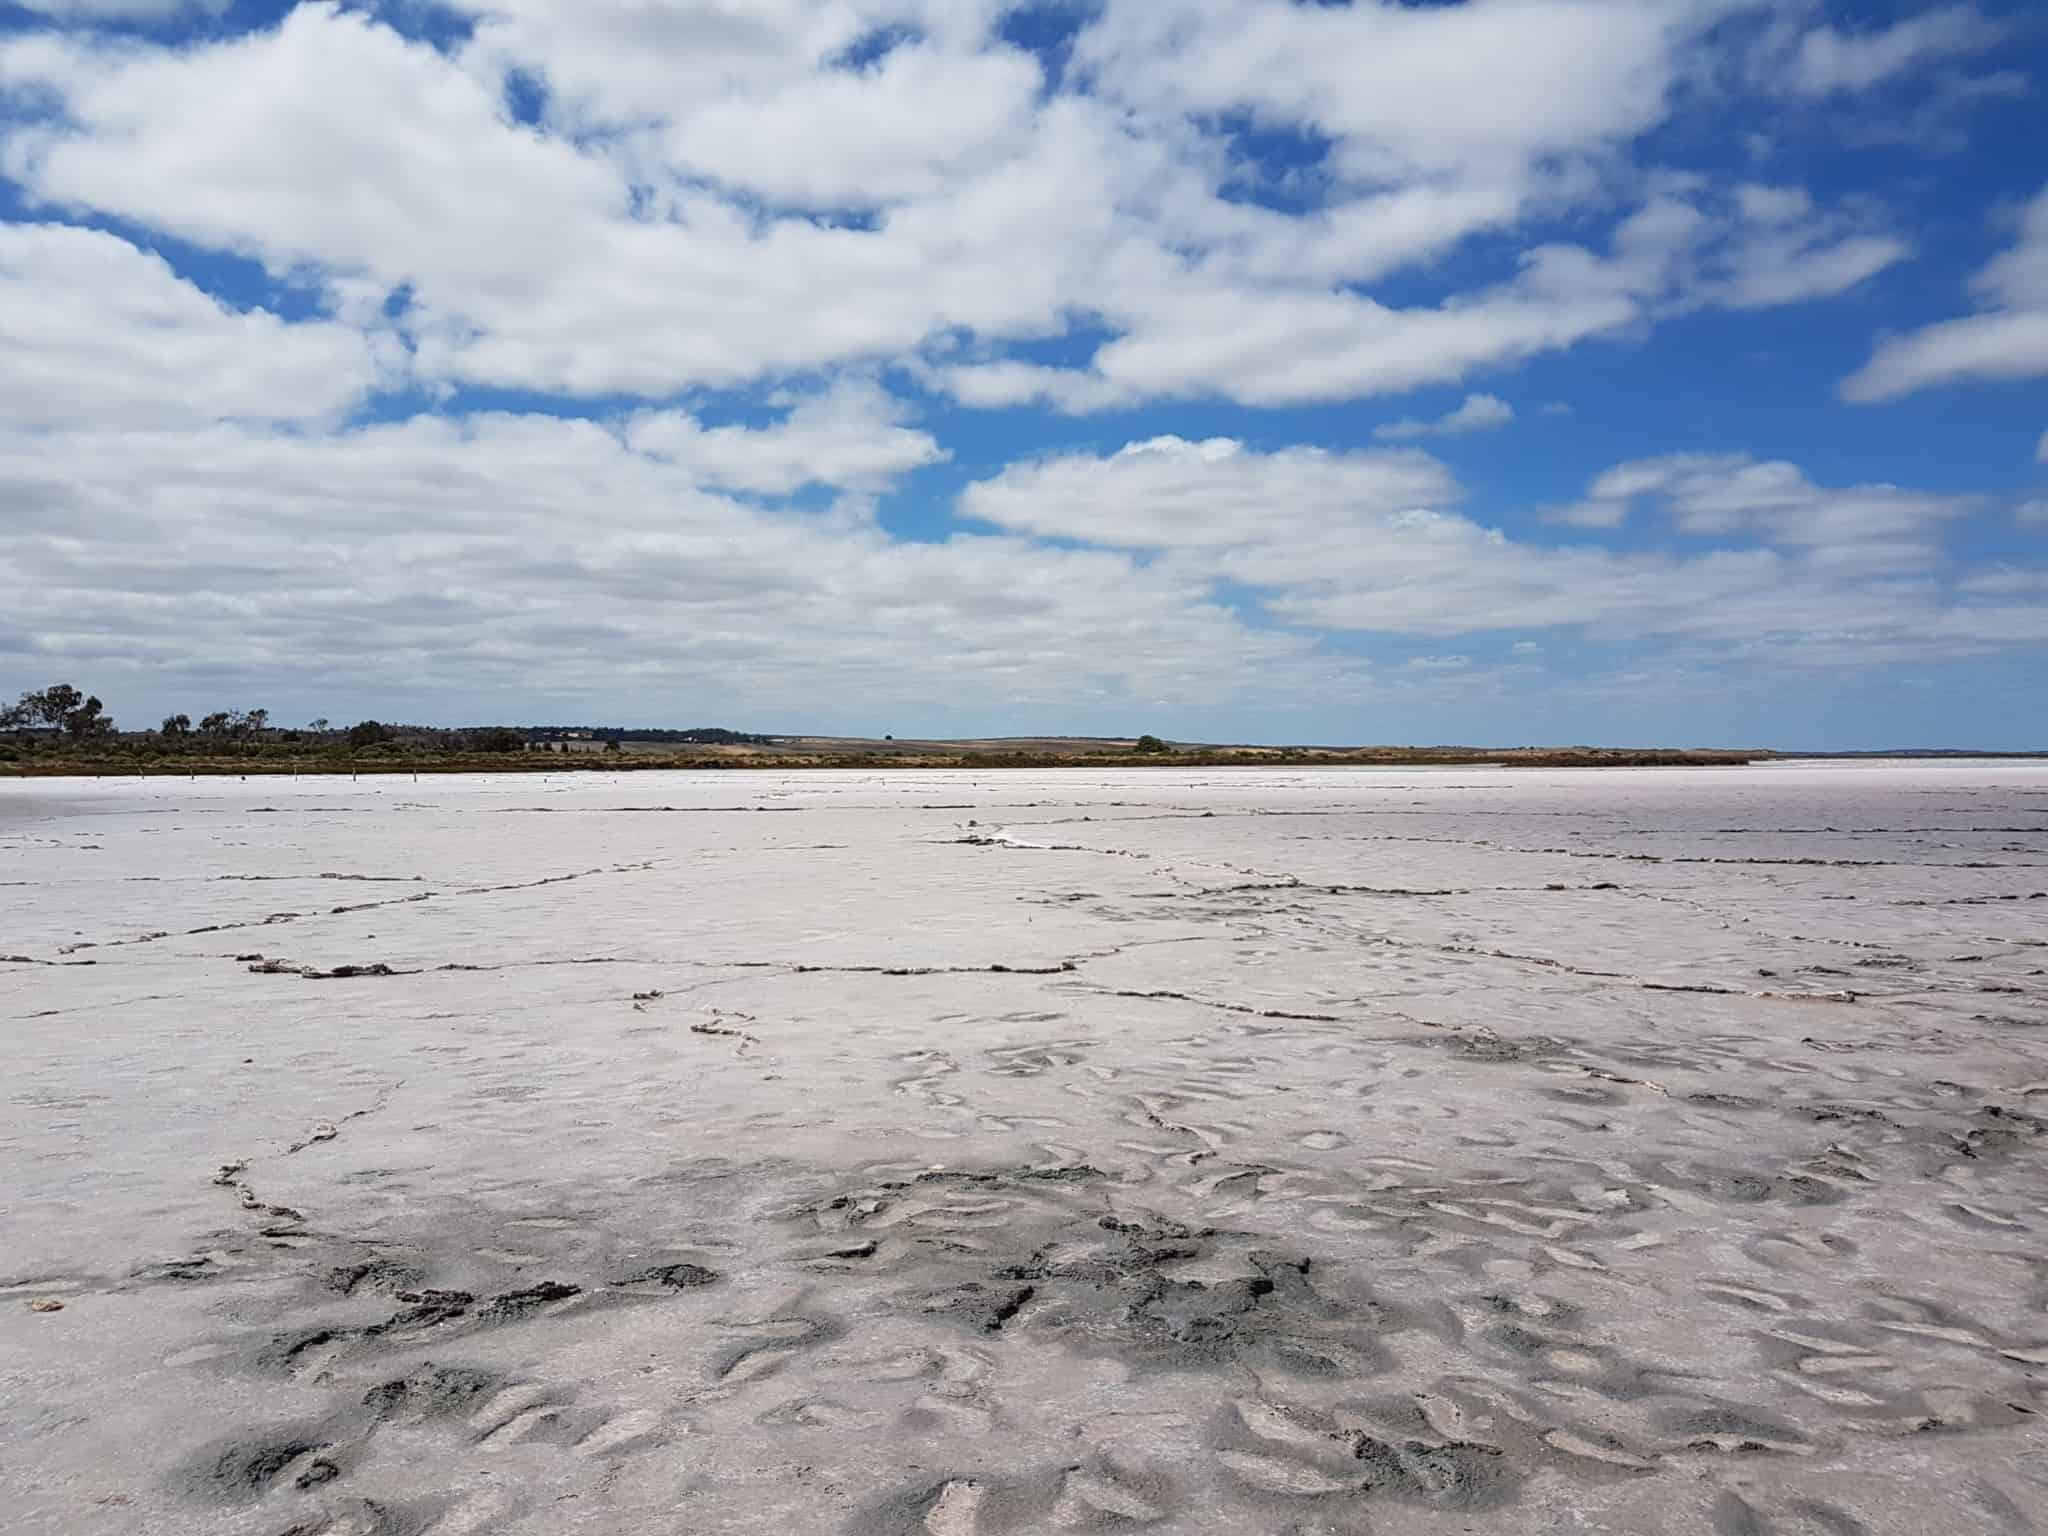 Australie, on loue une voiture pour faire la Great Ocean Road 🚗 9